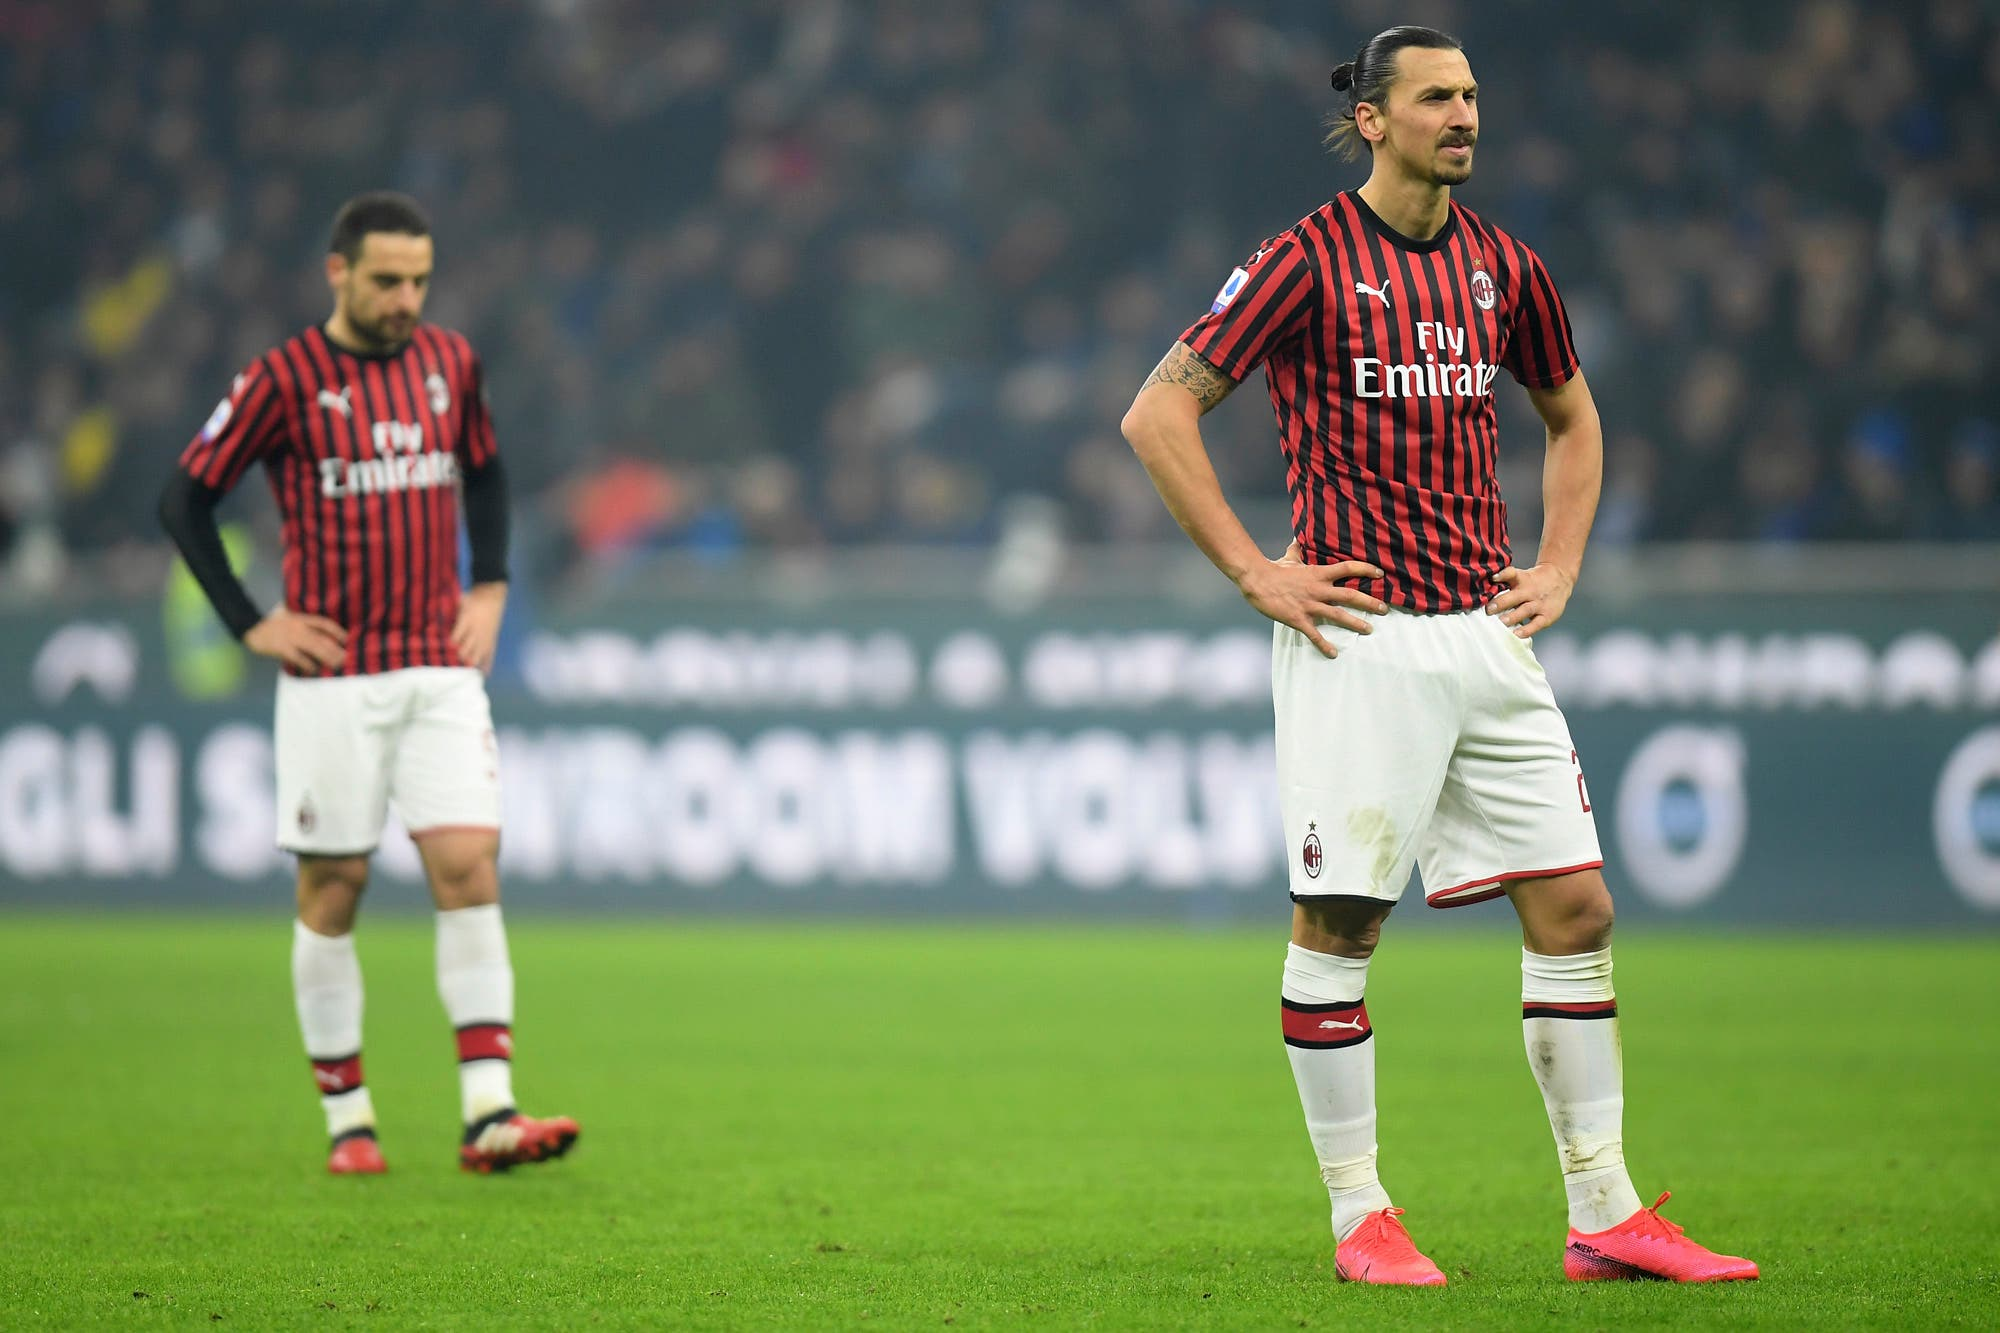 ¿Se termina la carrera de Zlatan Ibrahimovic? Preocupación en Italia por una lesión que podría marcar el final